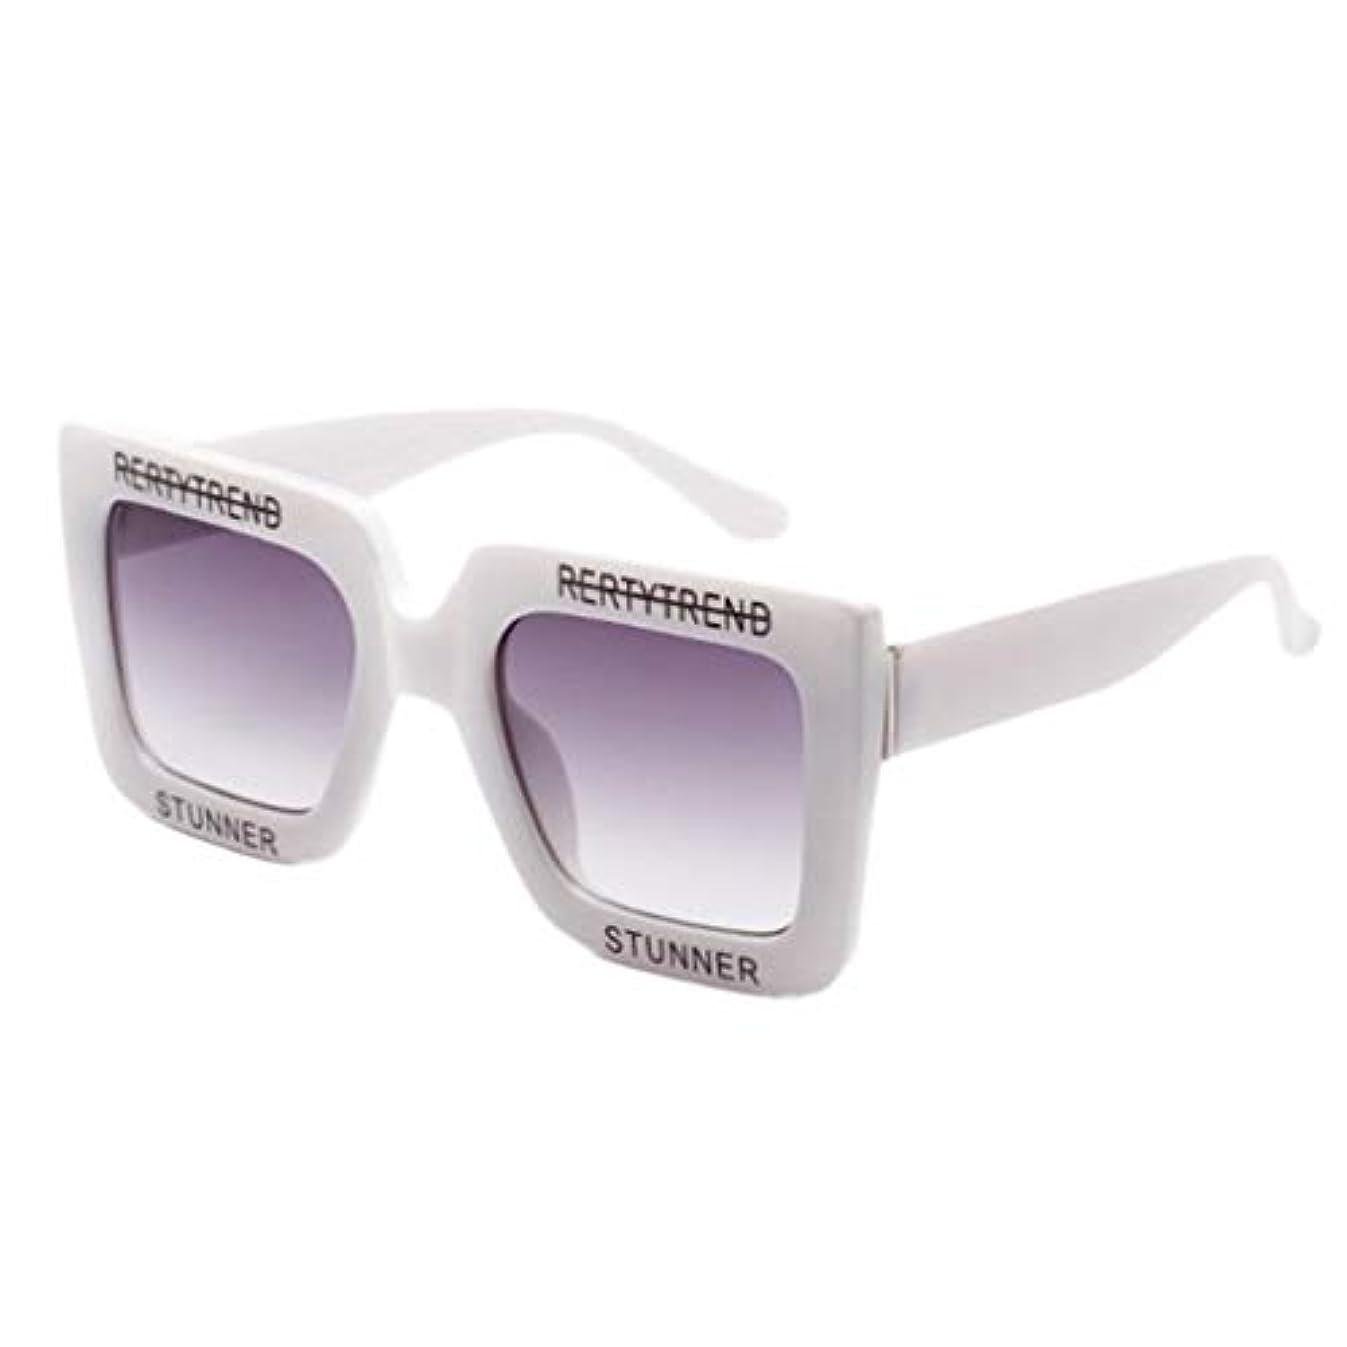 日光人間ブラケットHPYOD HOME ファッション女性ビッグボックスフレームフレームシェードサングラス統合されたUVメガネ